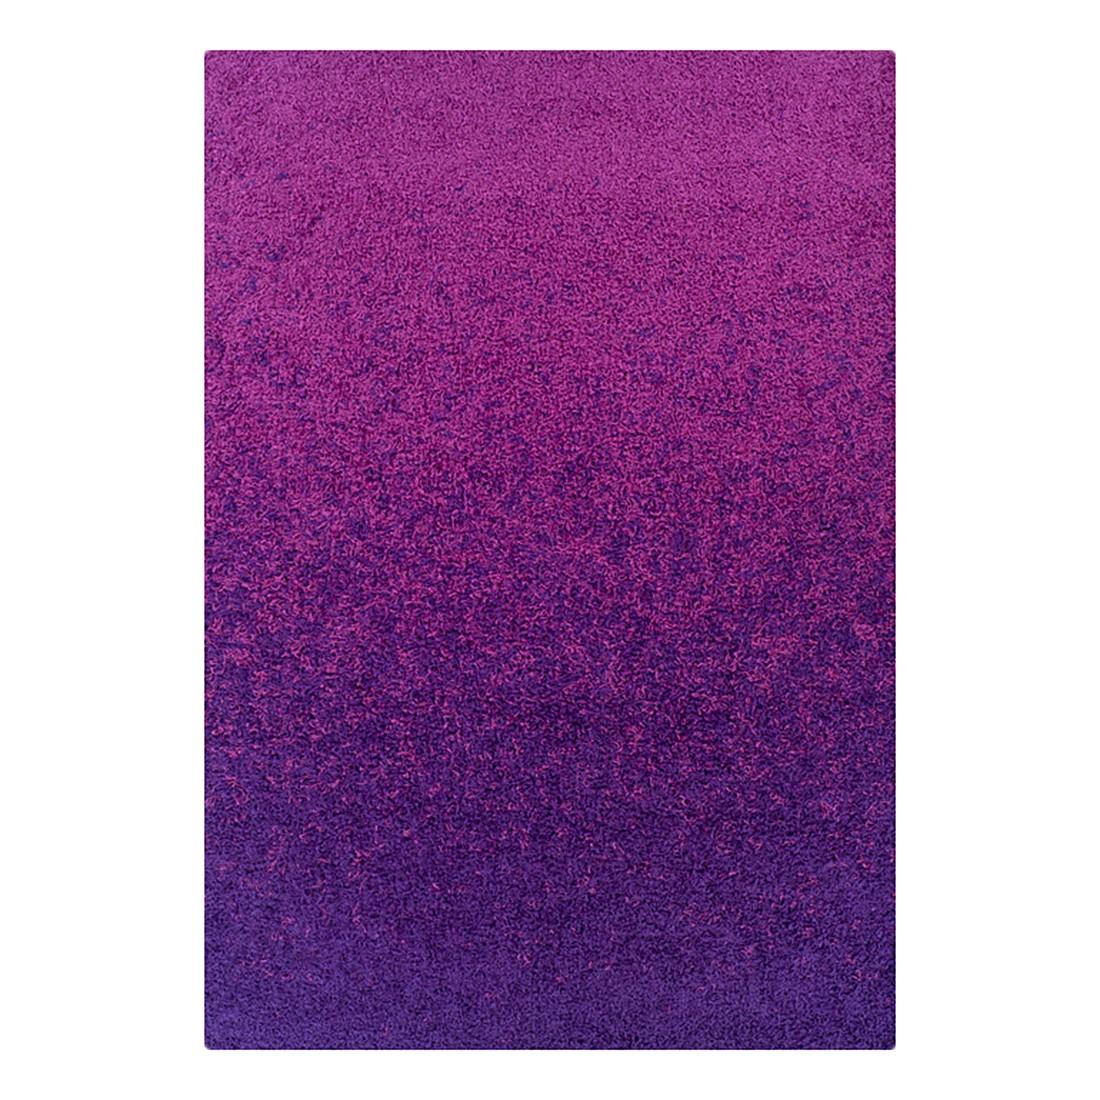 Teppich Happy Shaggy – Pink – 80 cm x 140 cm, Oriental Weavers online kaufen